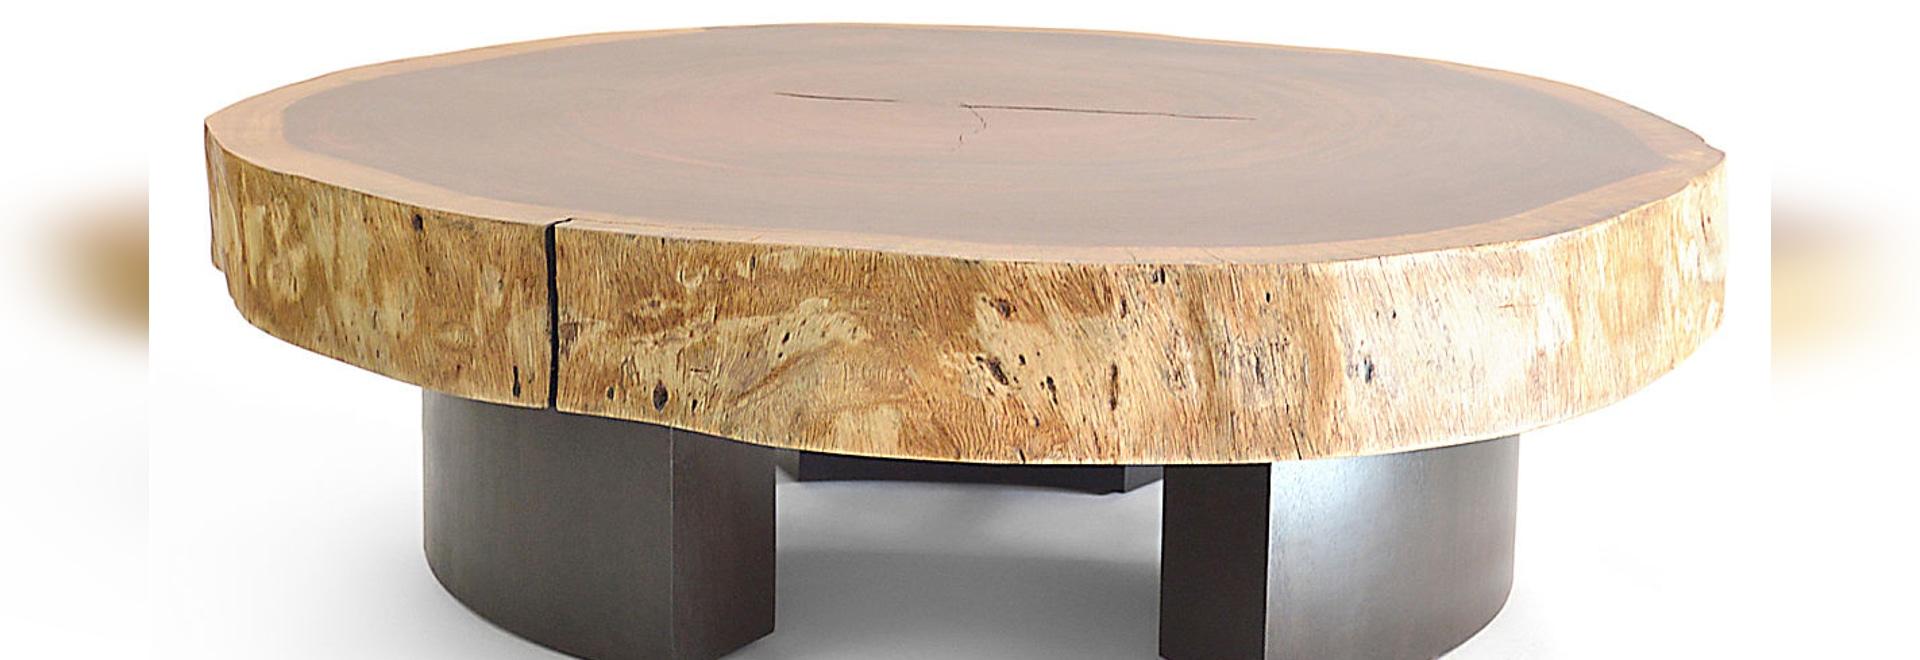 Tavolino da salotto di Tamburil Bolacha - piedini di legno - Rotsen ...